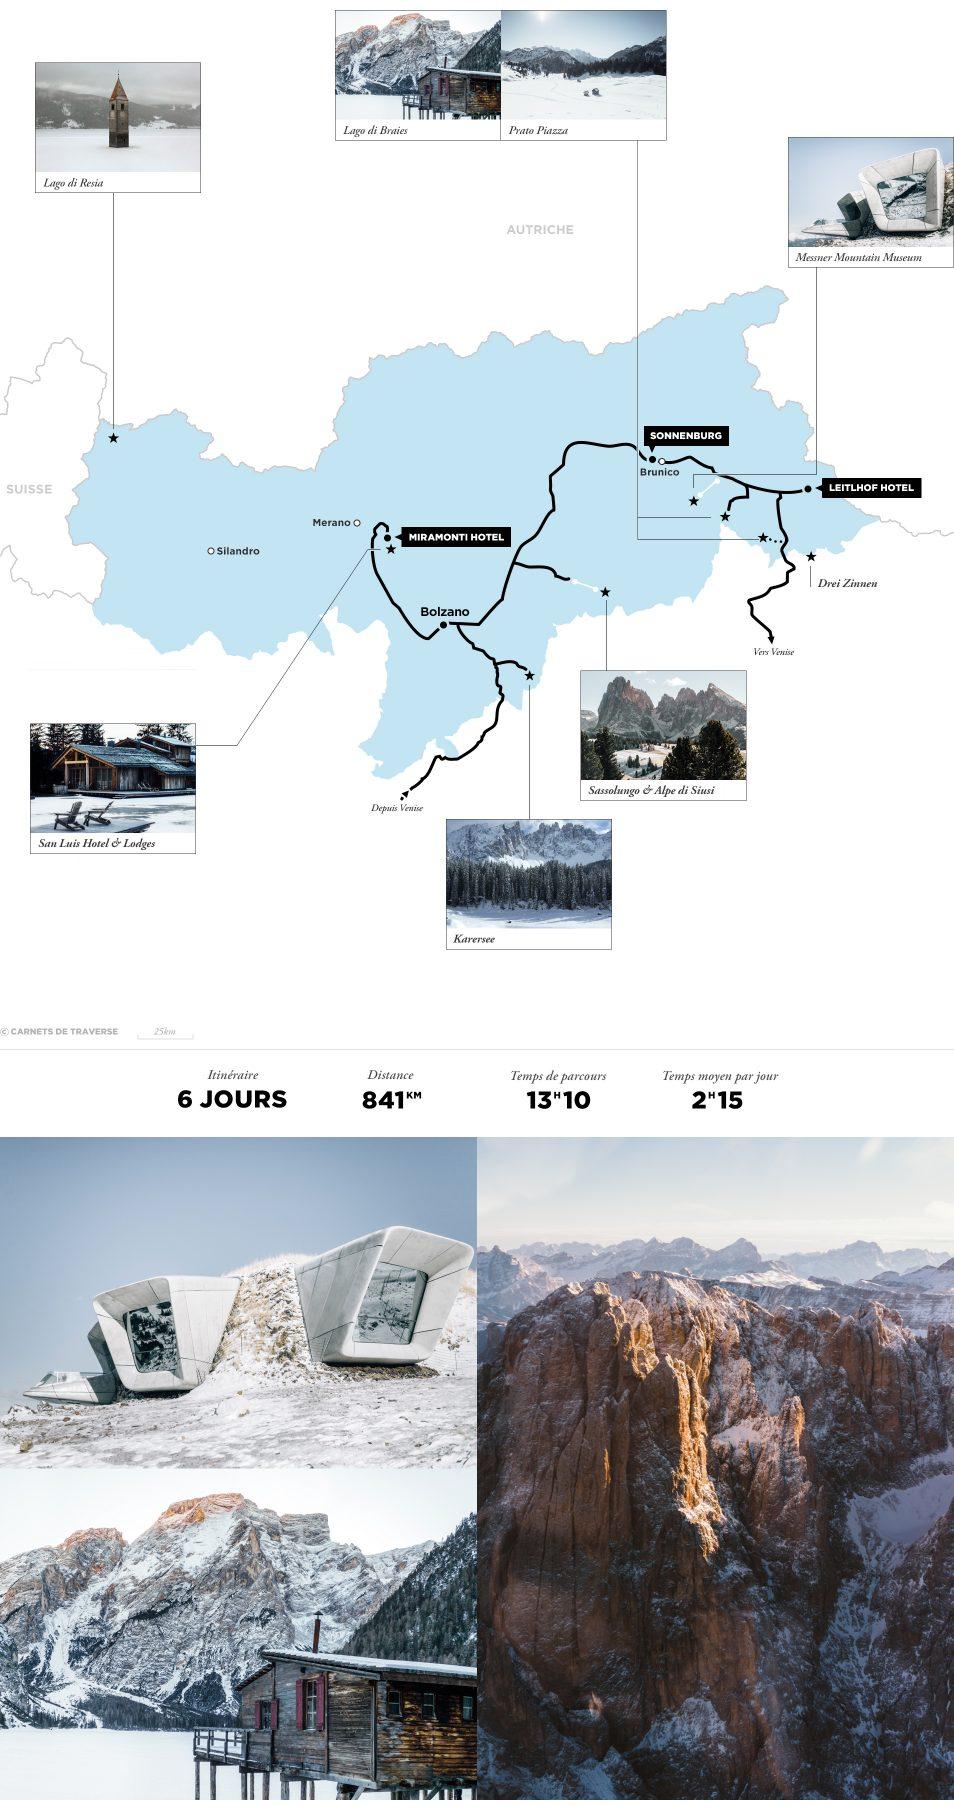 Dolomites - Road trip en Italie - Carte itinéraire